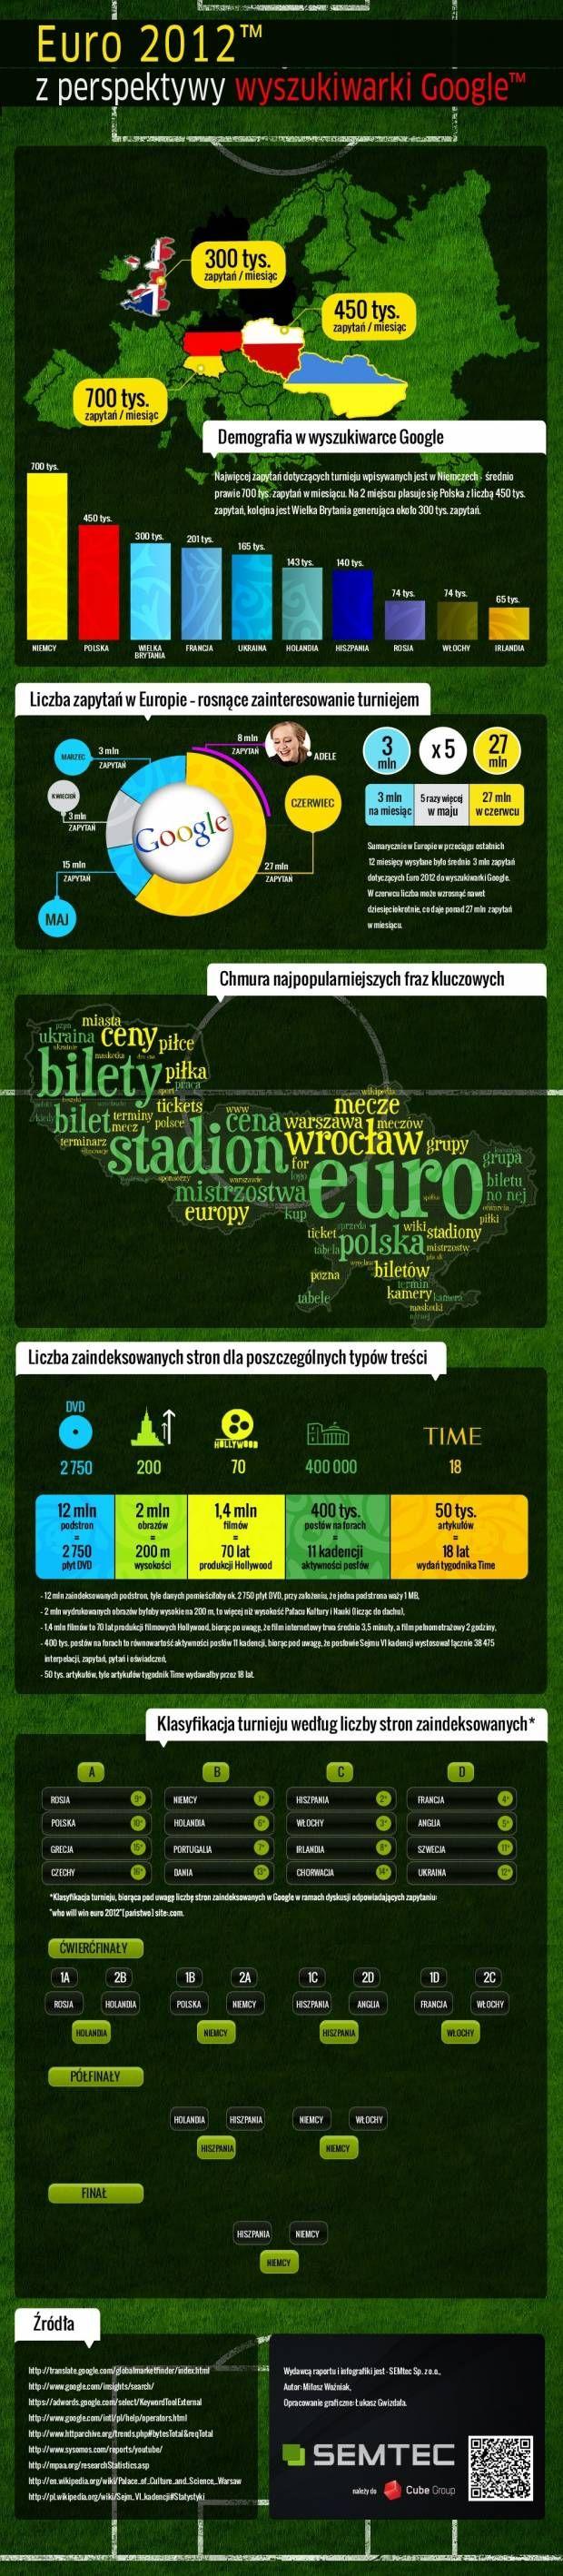 Euro 2012 z perspektywy wyszukiwarki Google